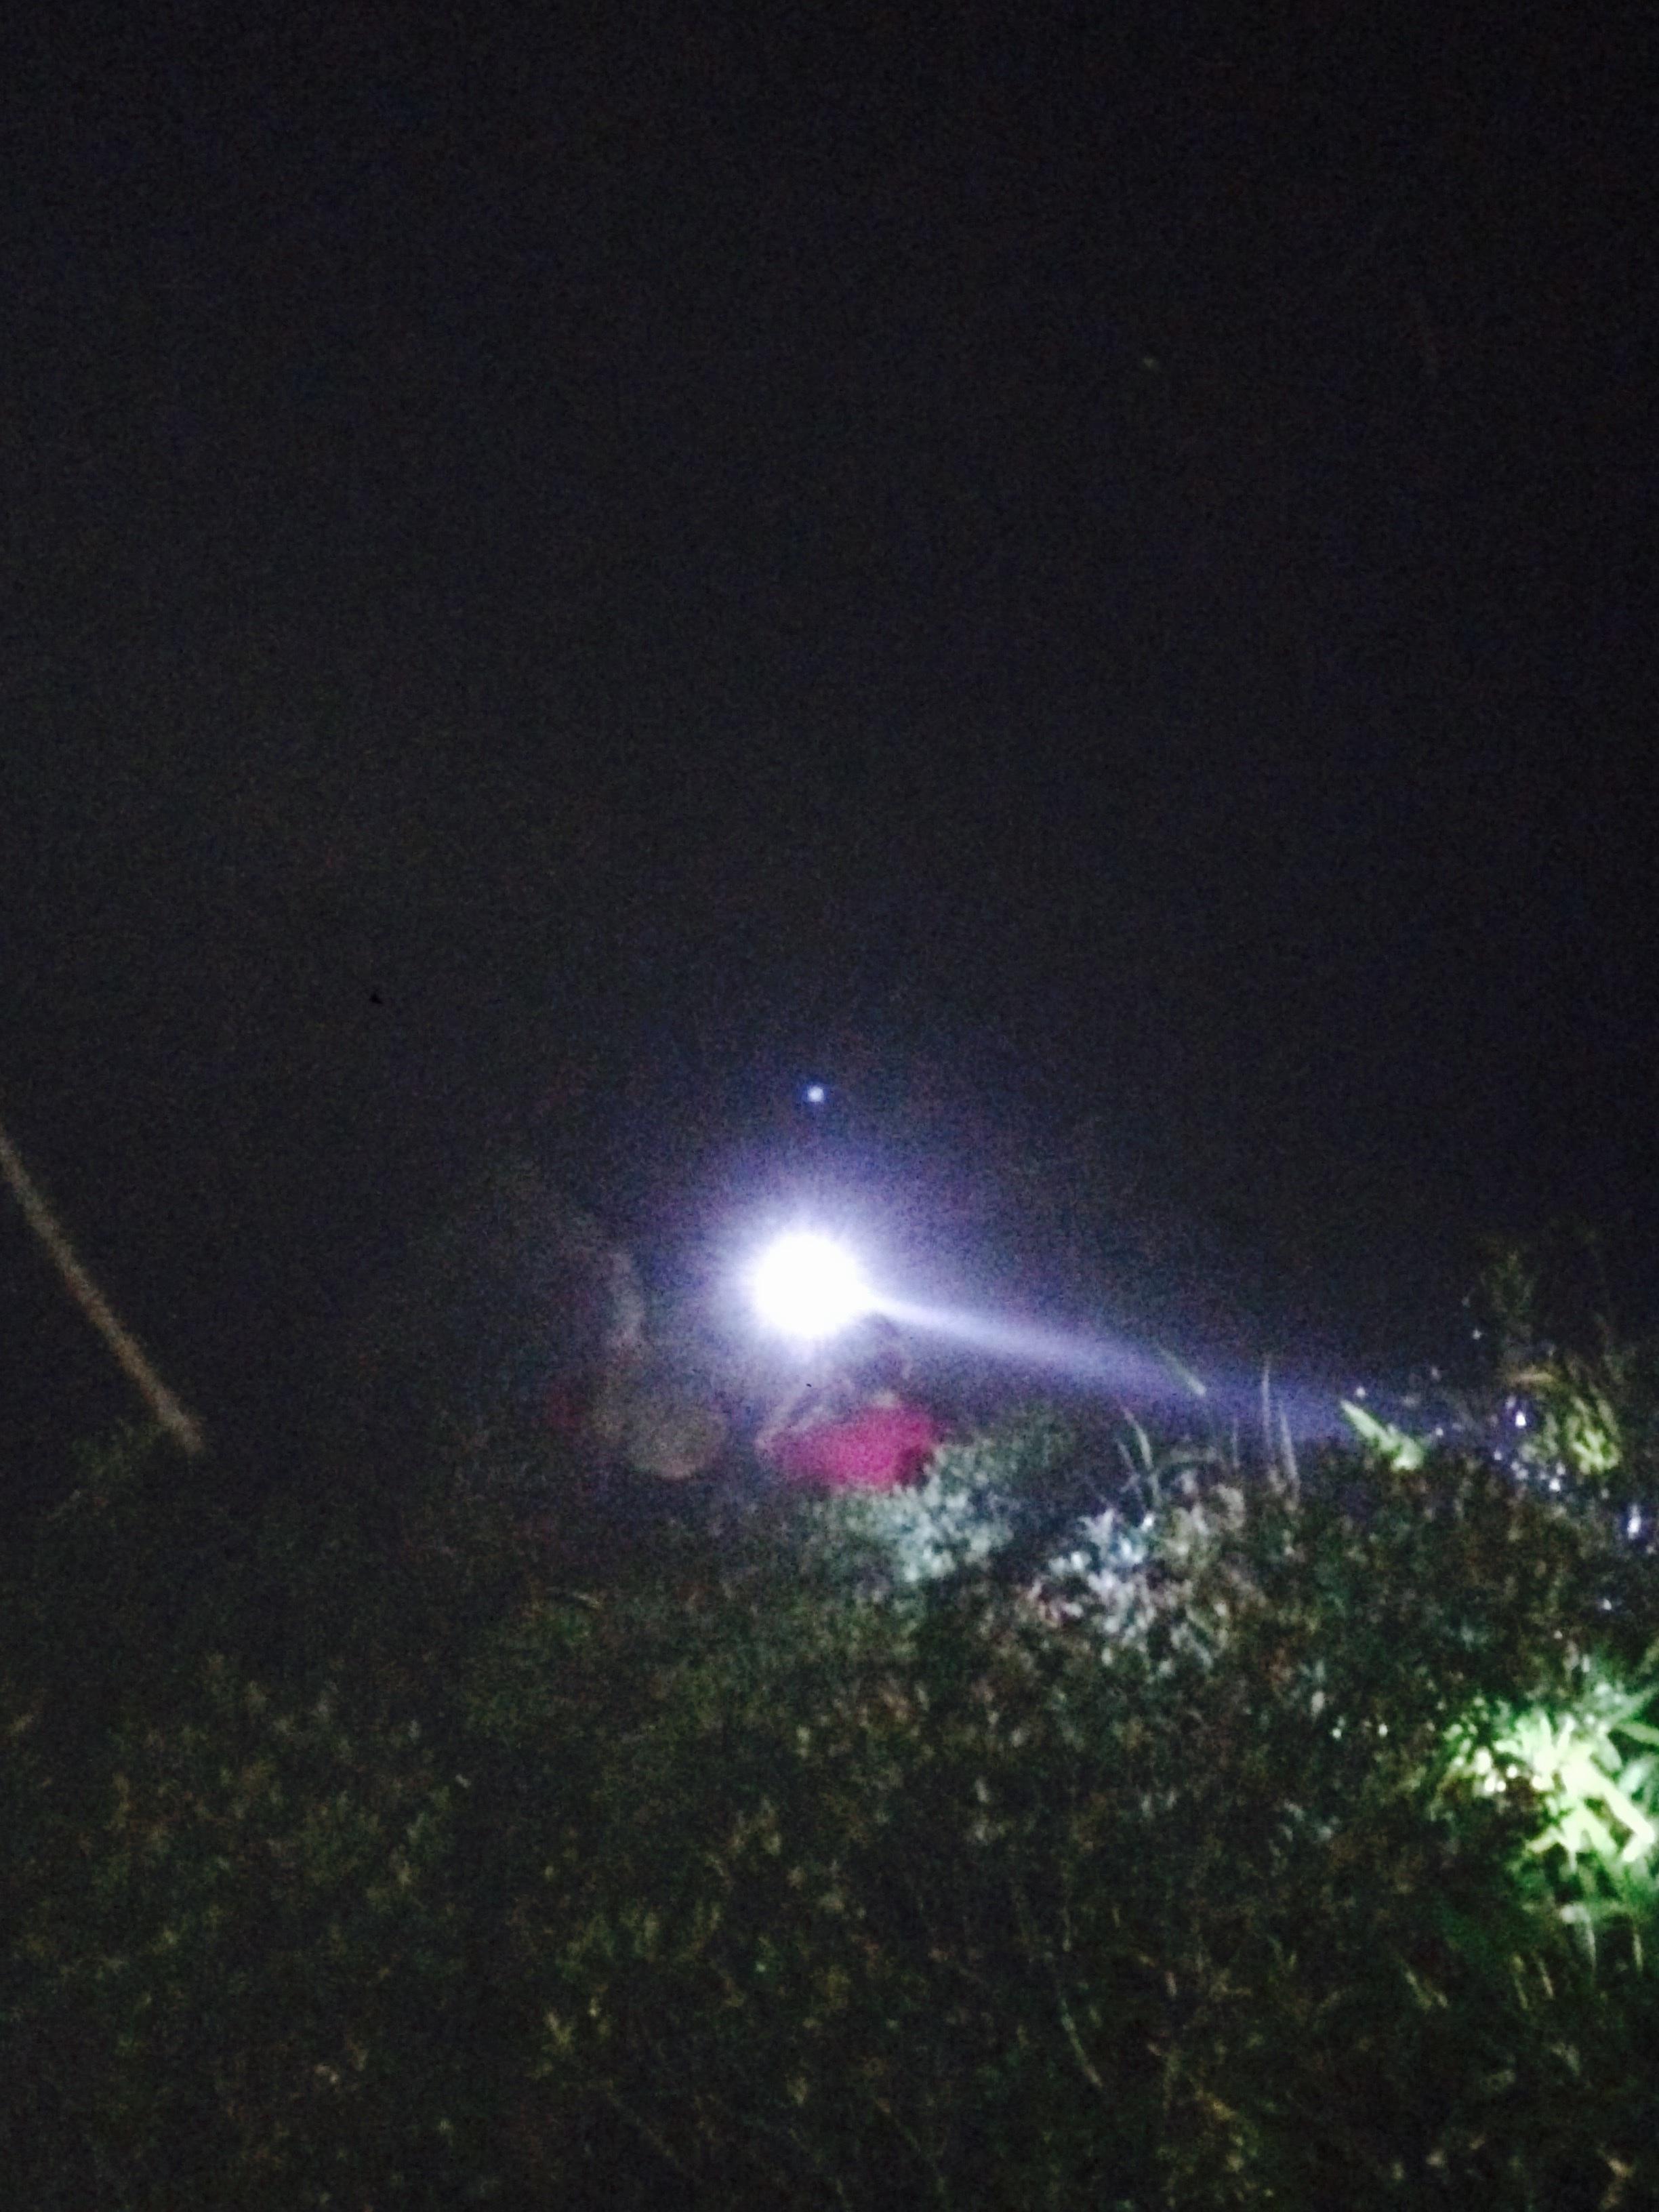 Trời tối, nạn nhân nằm dưới độ sâu gần 30m nhưng lực lượng cứu hộ vẫn quyết tâm tiếp cận nạn nhân một cách nhanh nhất